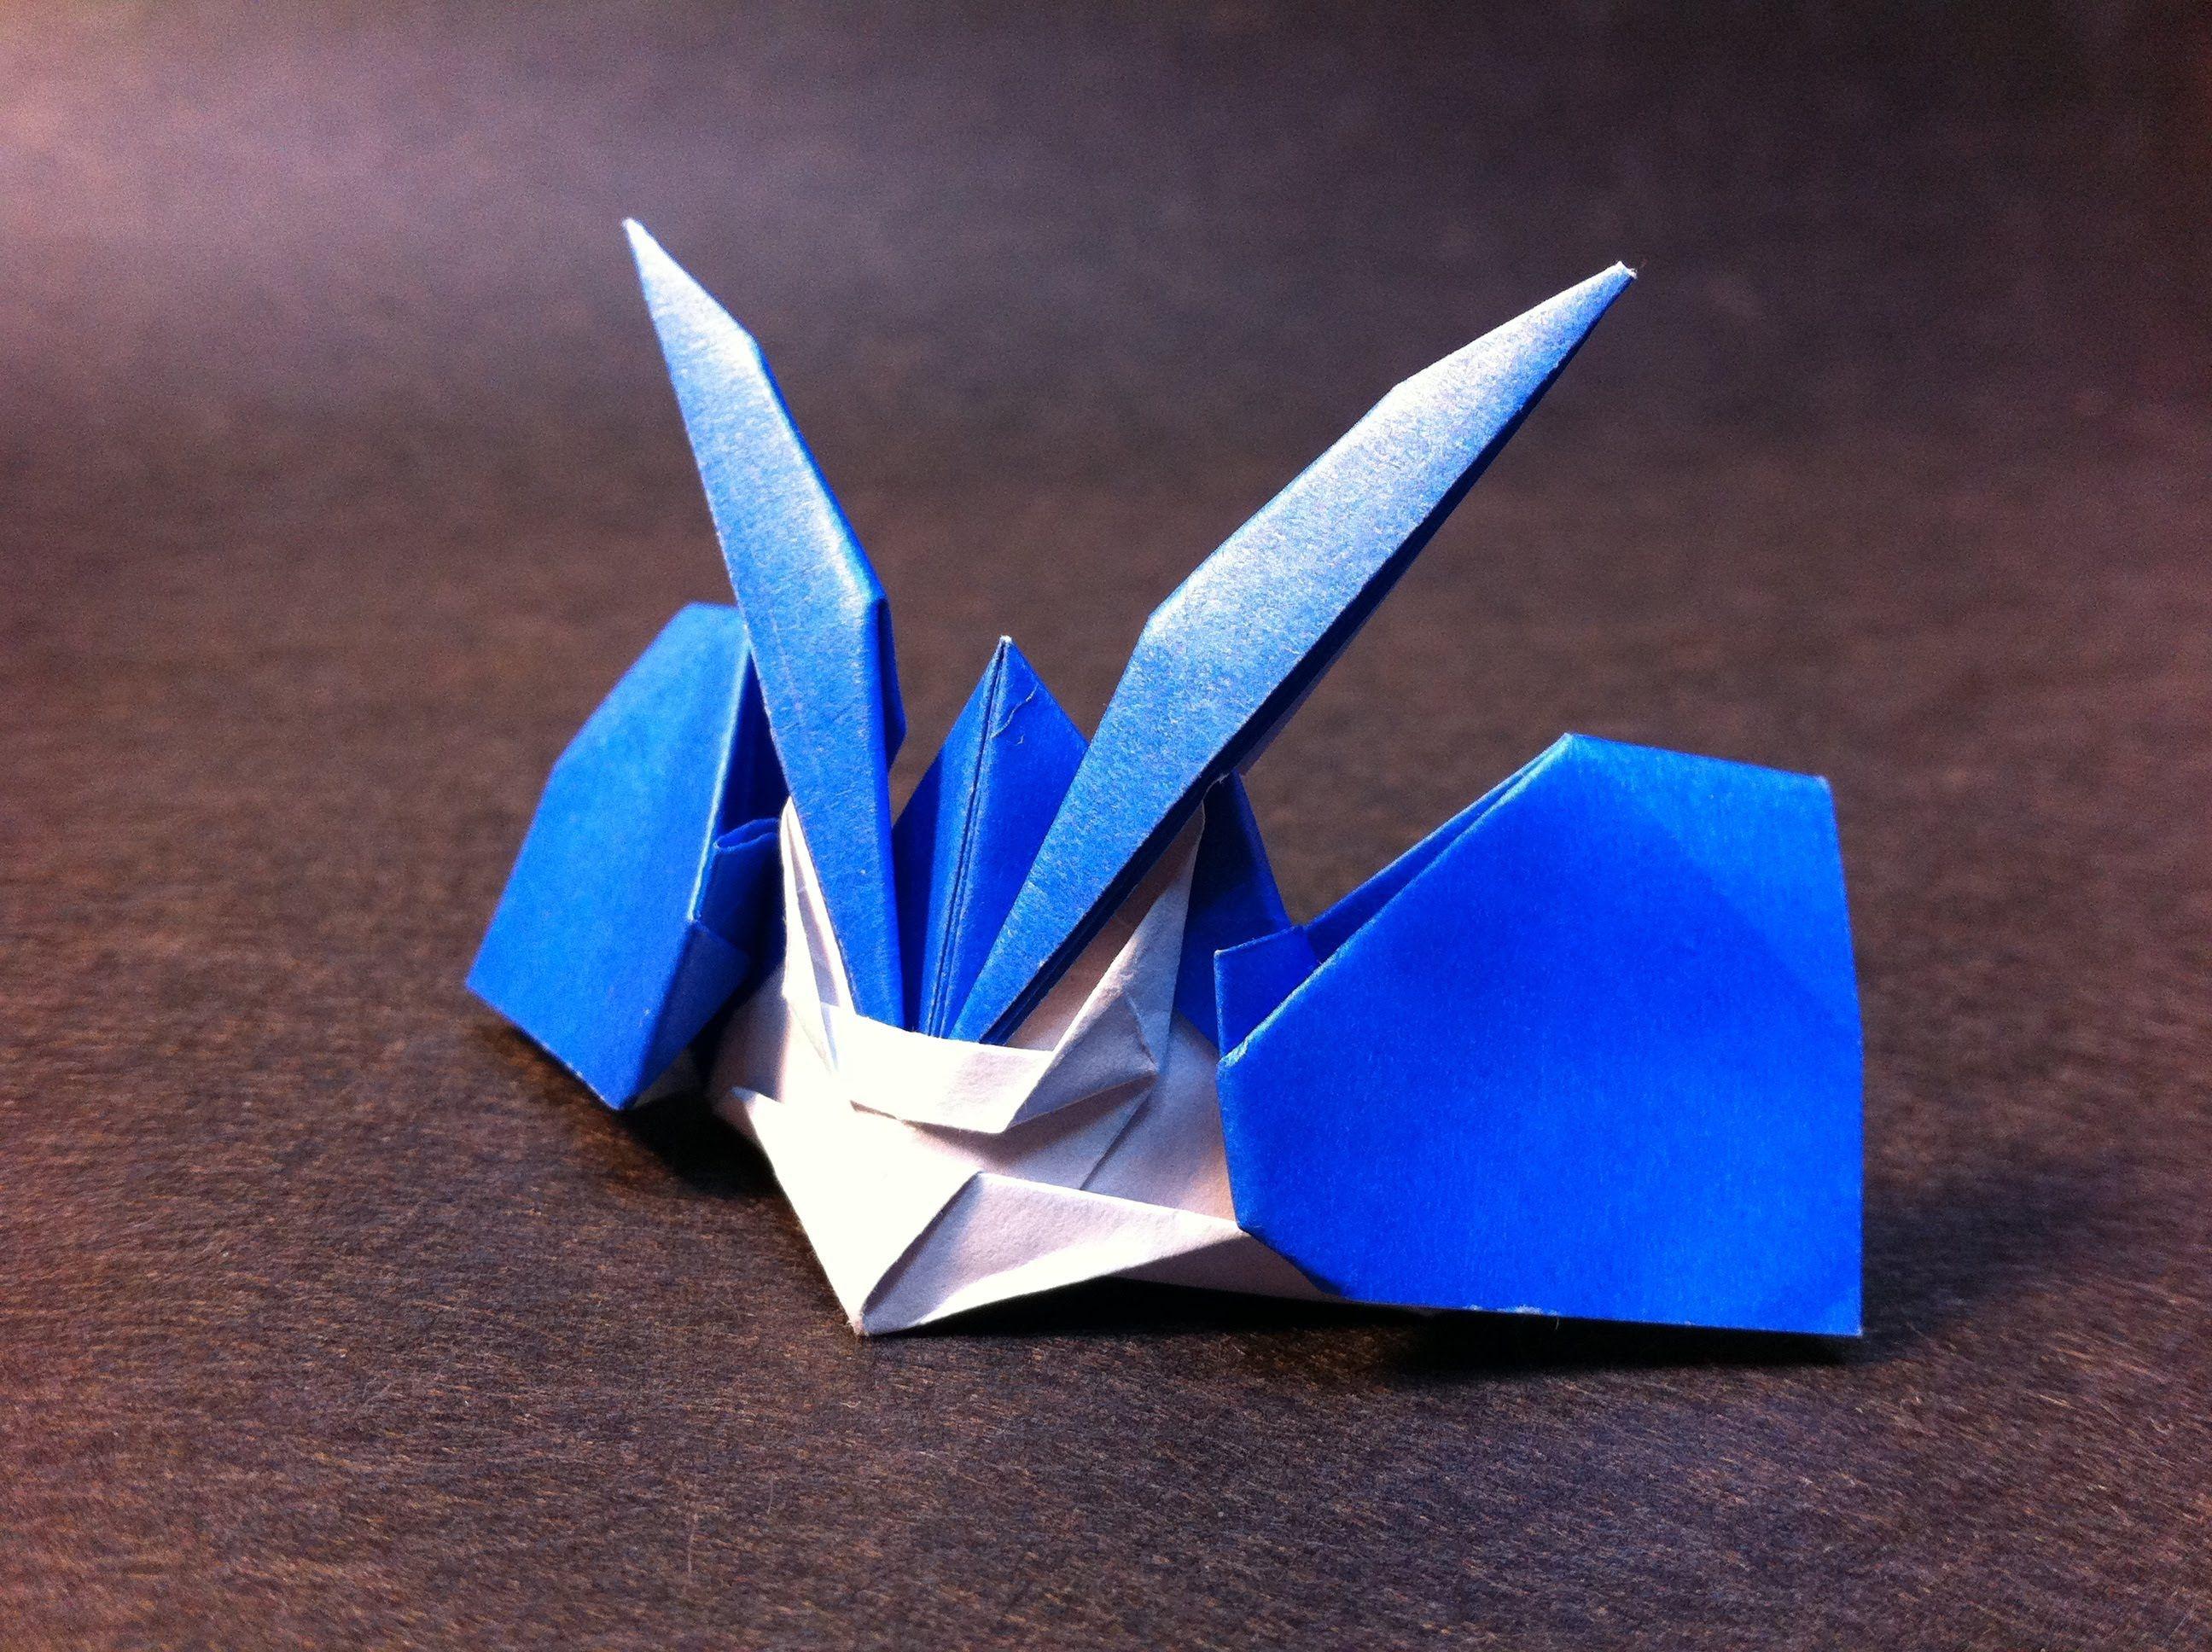 Tall Samurai Hat origami | Origami diagrams, Origami crafts, Paper ... | 1936x2592